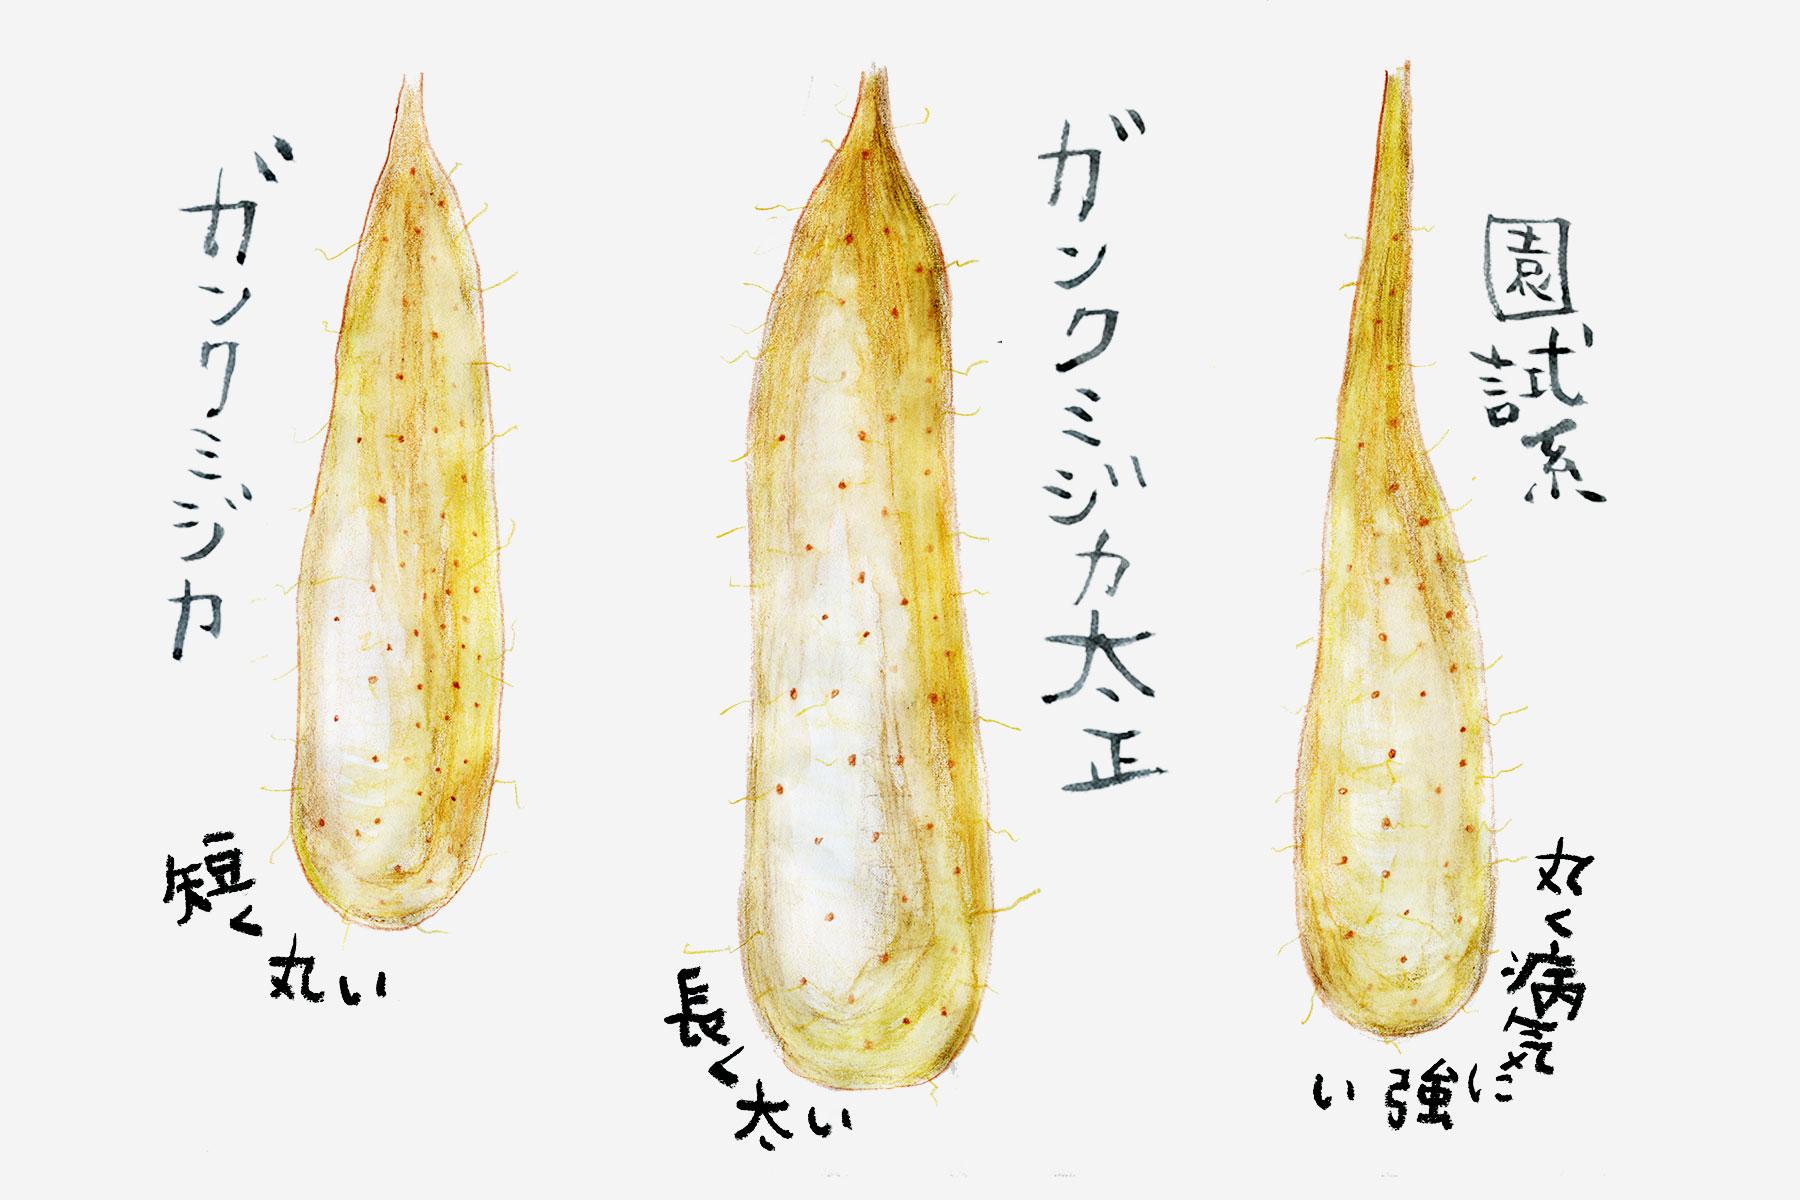 長芋の品種の違い